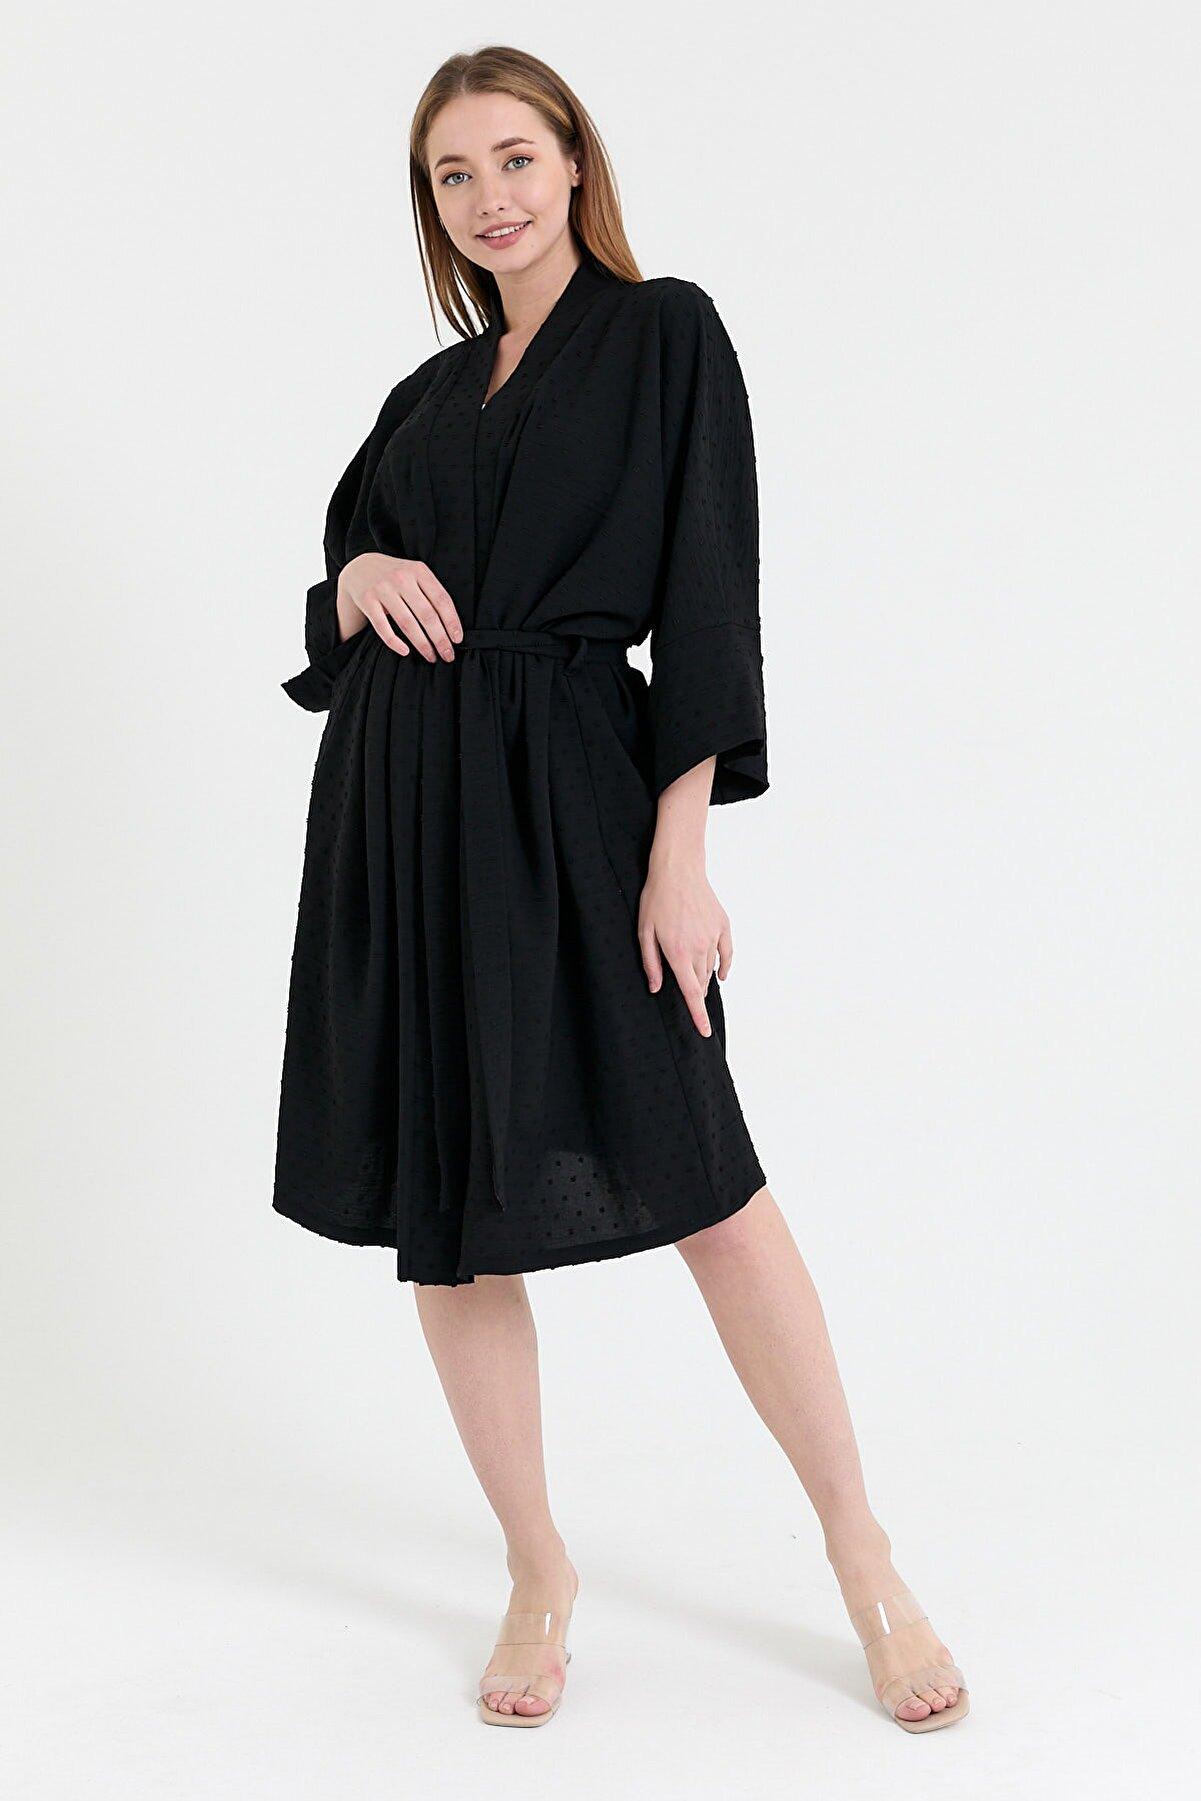 NFREE Kadın Siyah Şerit Yaka Yarım Kol Küçük Puantiyeli Kuşak Kapama Tunik